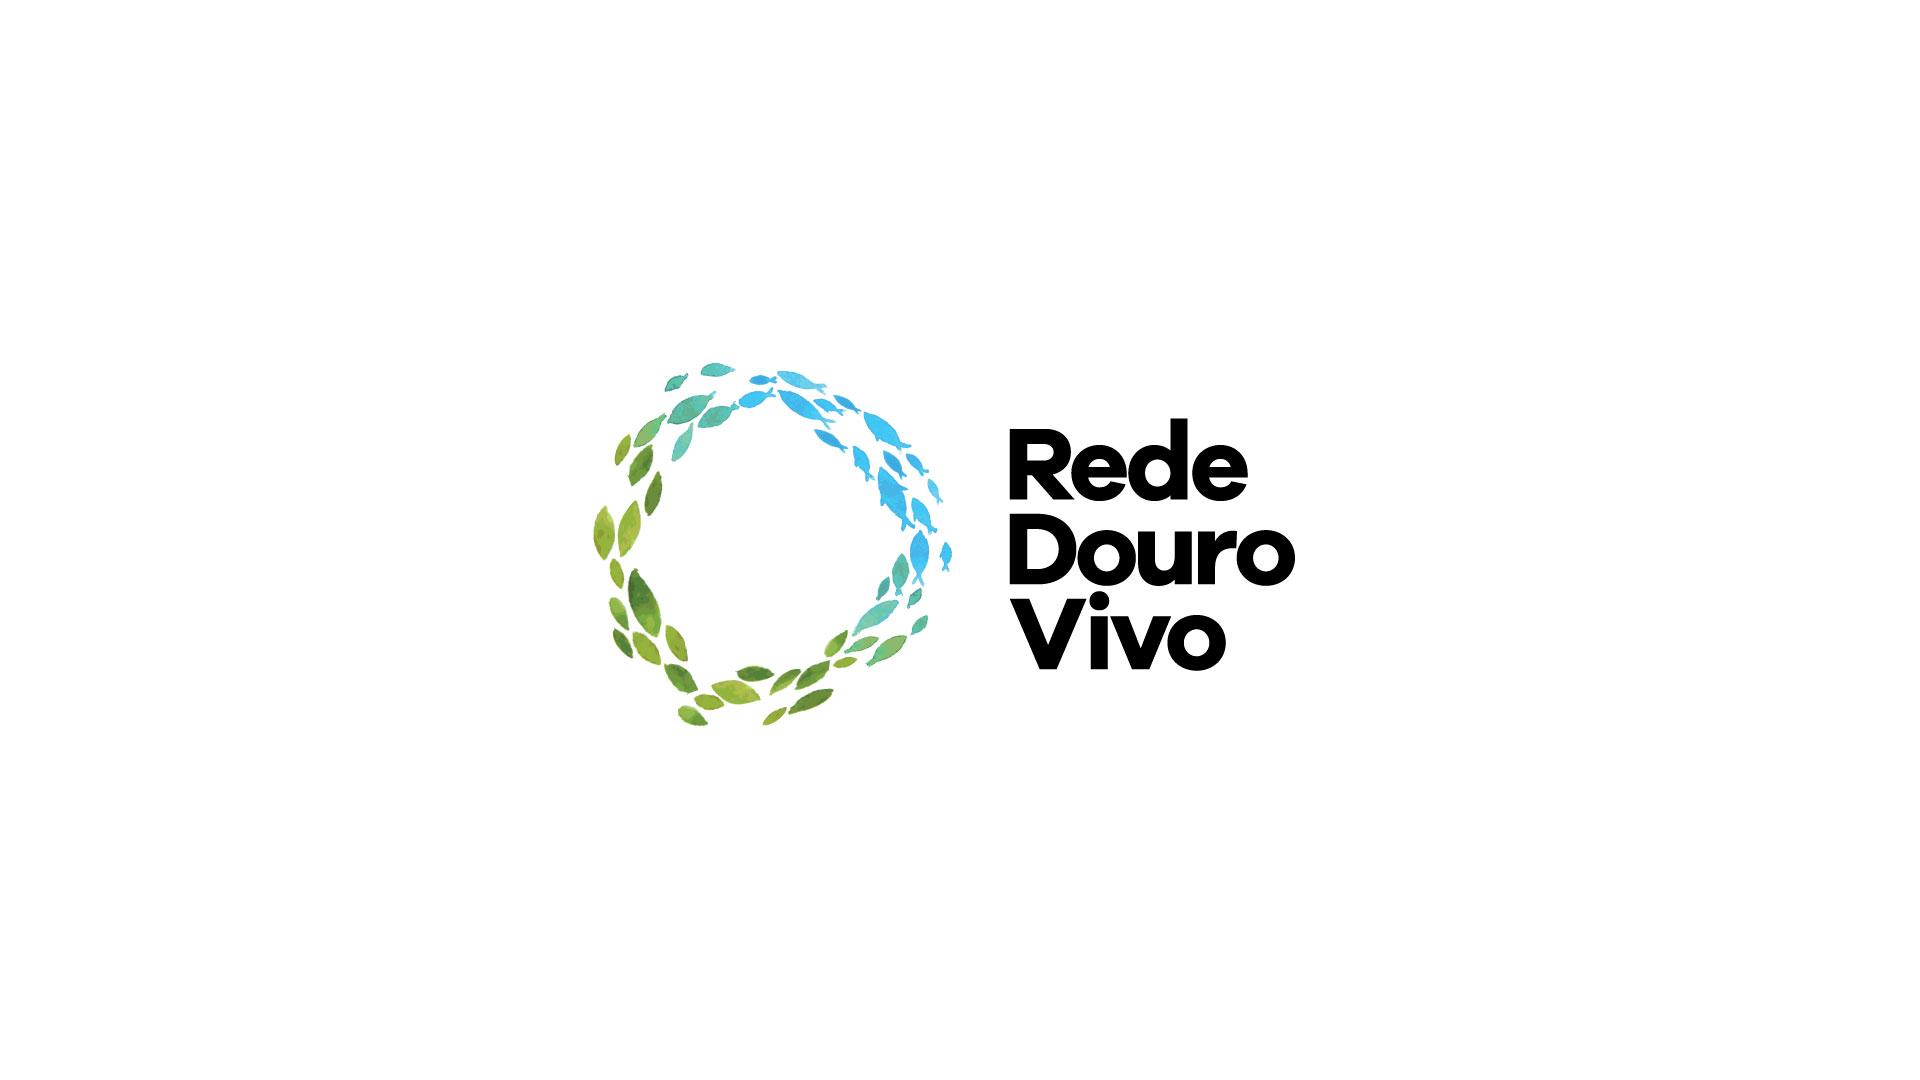 Lançamento da Rede Douro Vivo